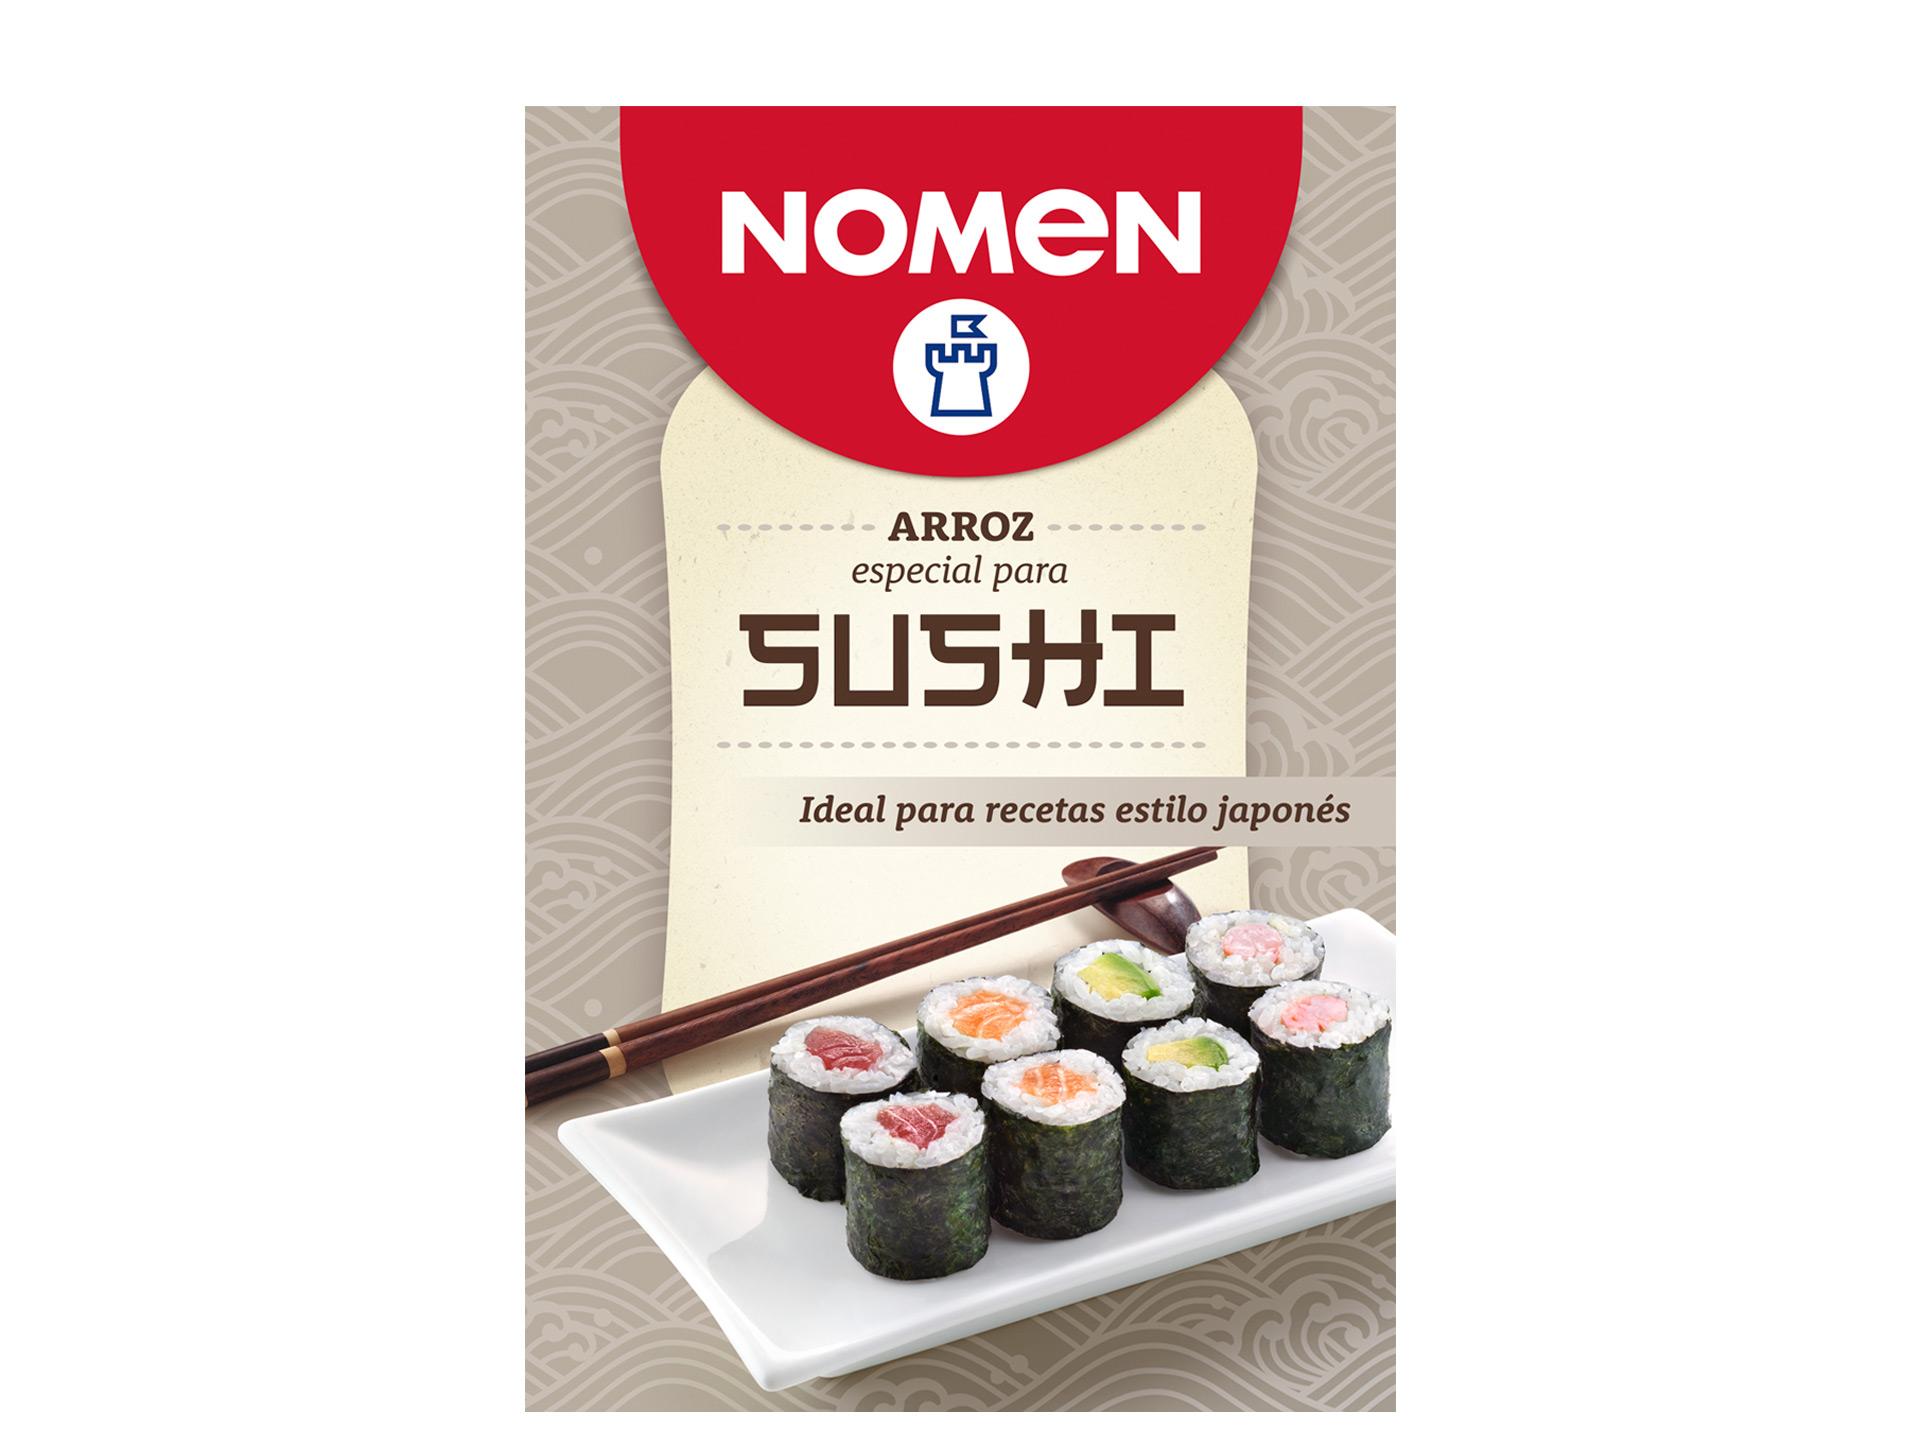 Nomen_sushi.jpg